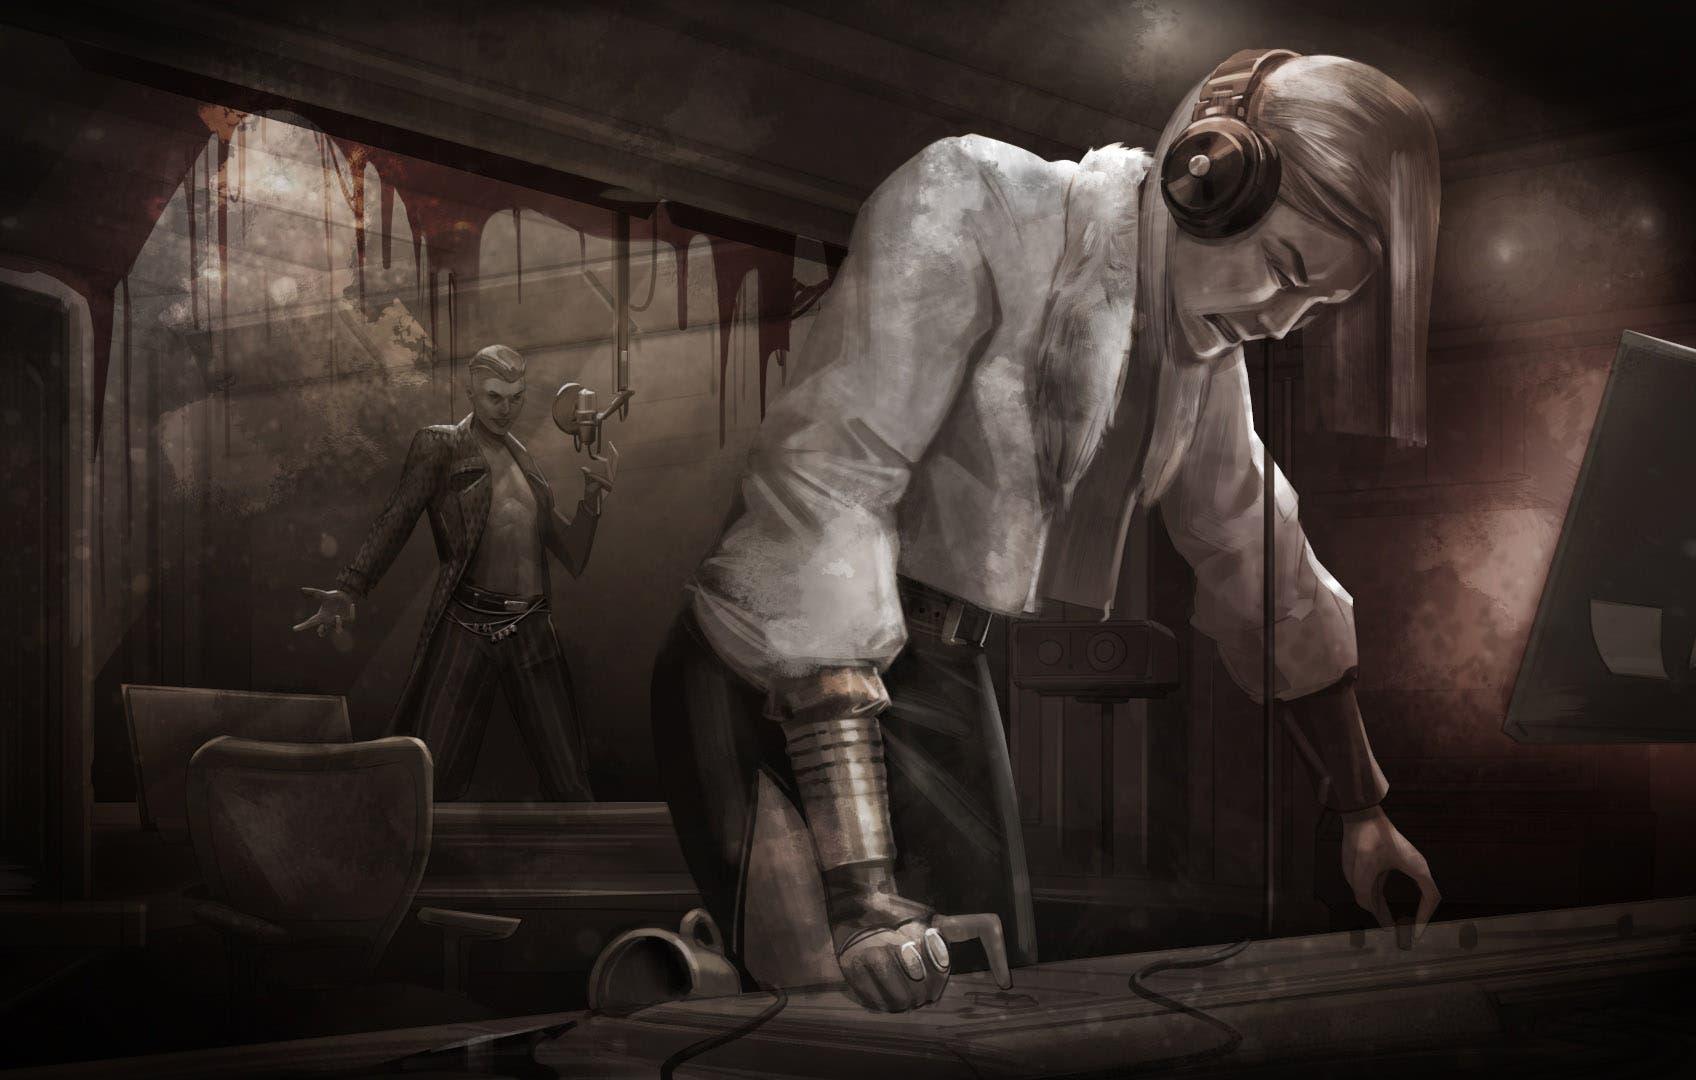 Anunciado El Traicionero, nuevo asesino de Dead by Daylight 14